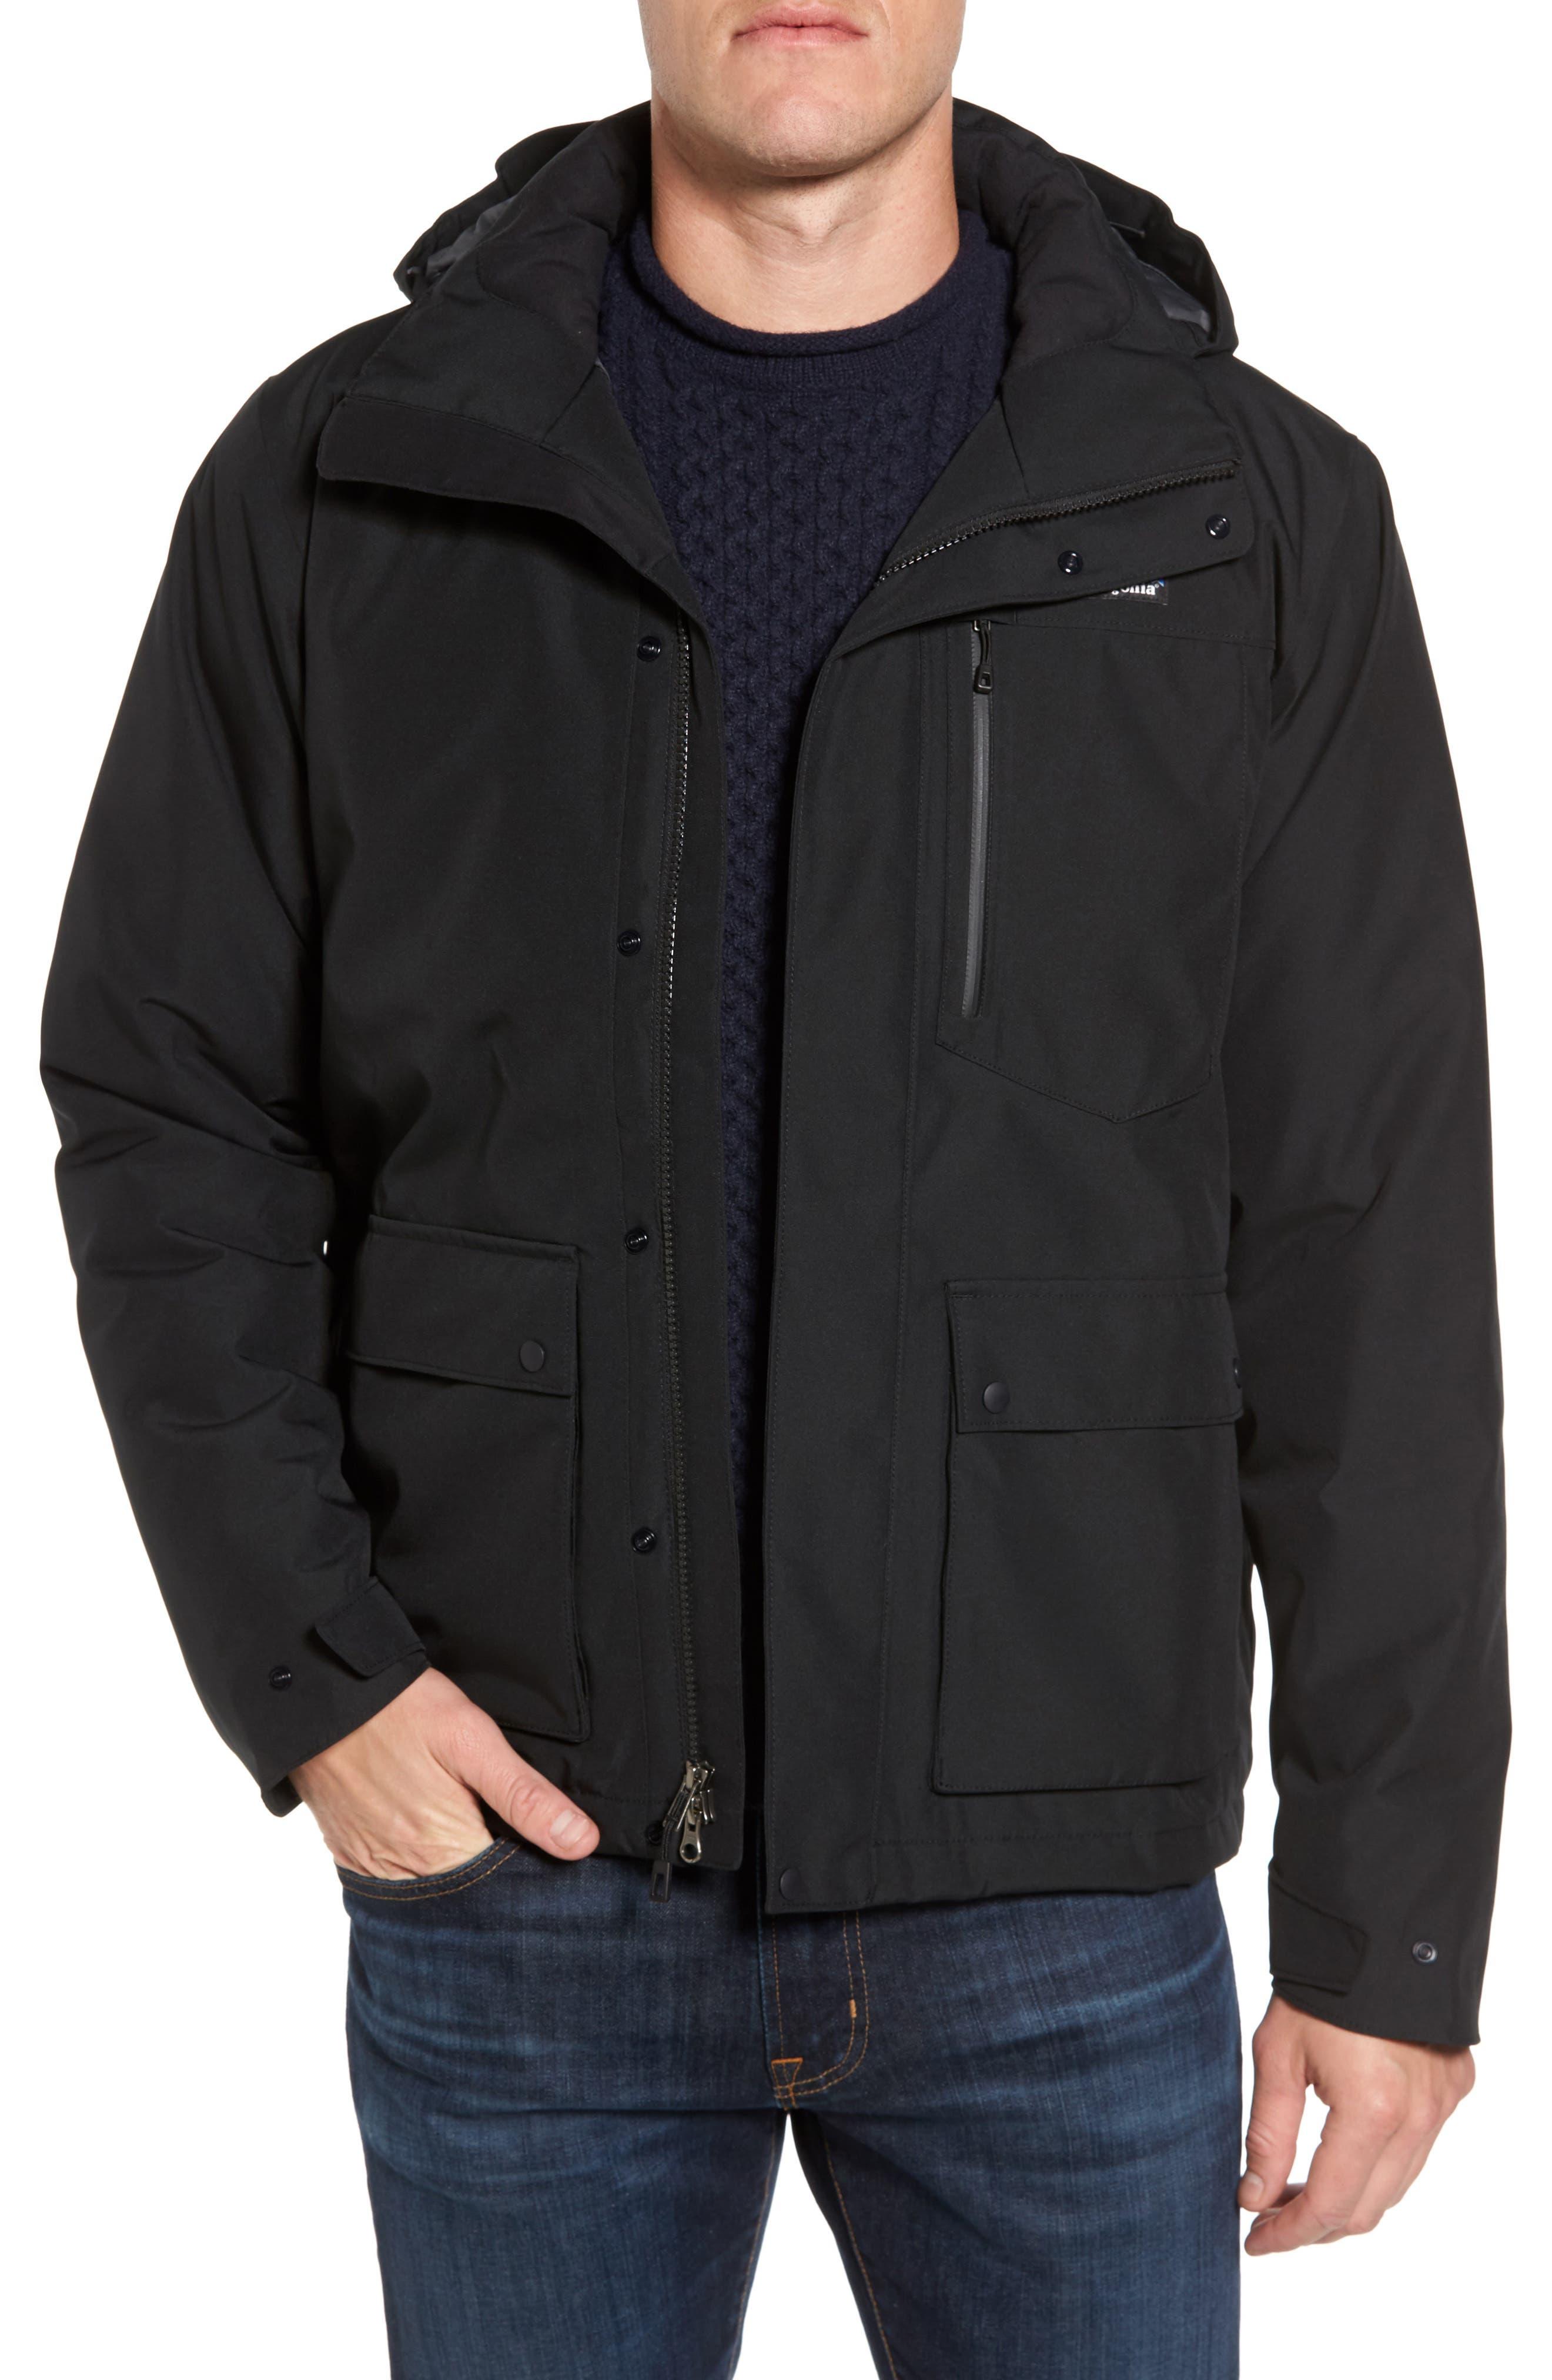 Patagonia Topley Waterproof Down Jacket, Black